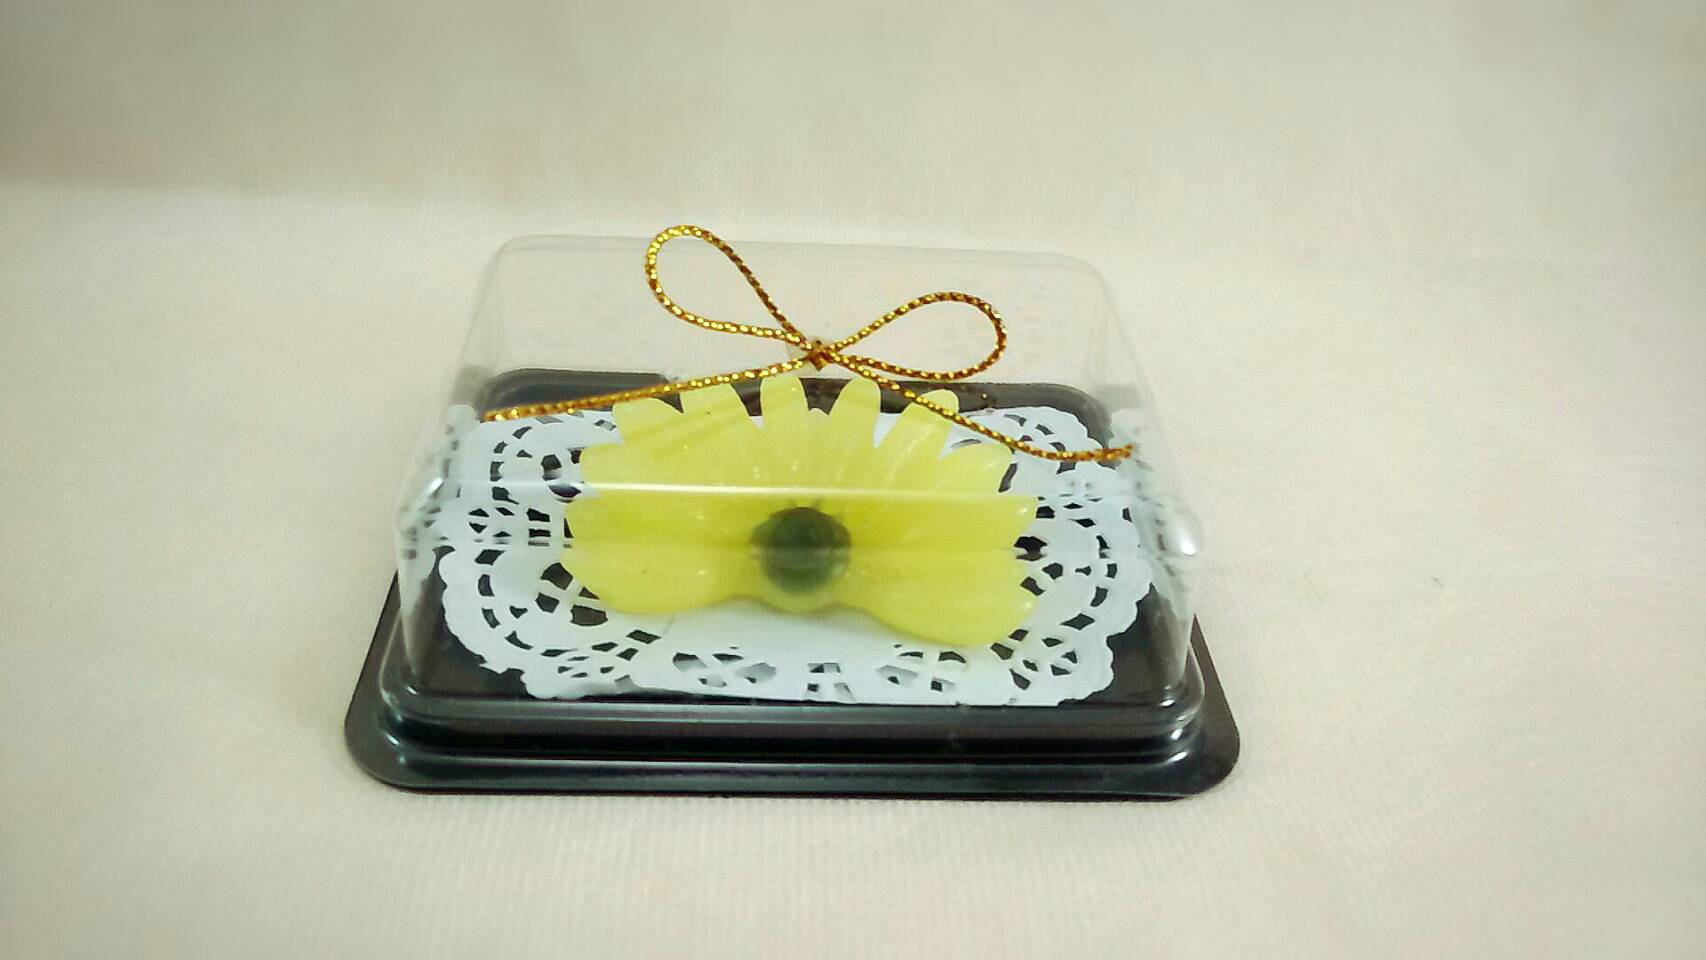 เทียนกล้วยหอมหวีจิ๋วเดี่ยว ในกล่องใส ฐานน้ำตาล ติดดิ้นทอง ขนาด 7.5x9.5x3 cm.